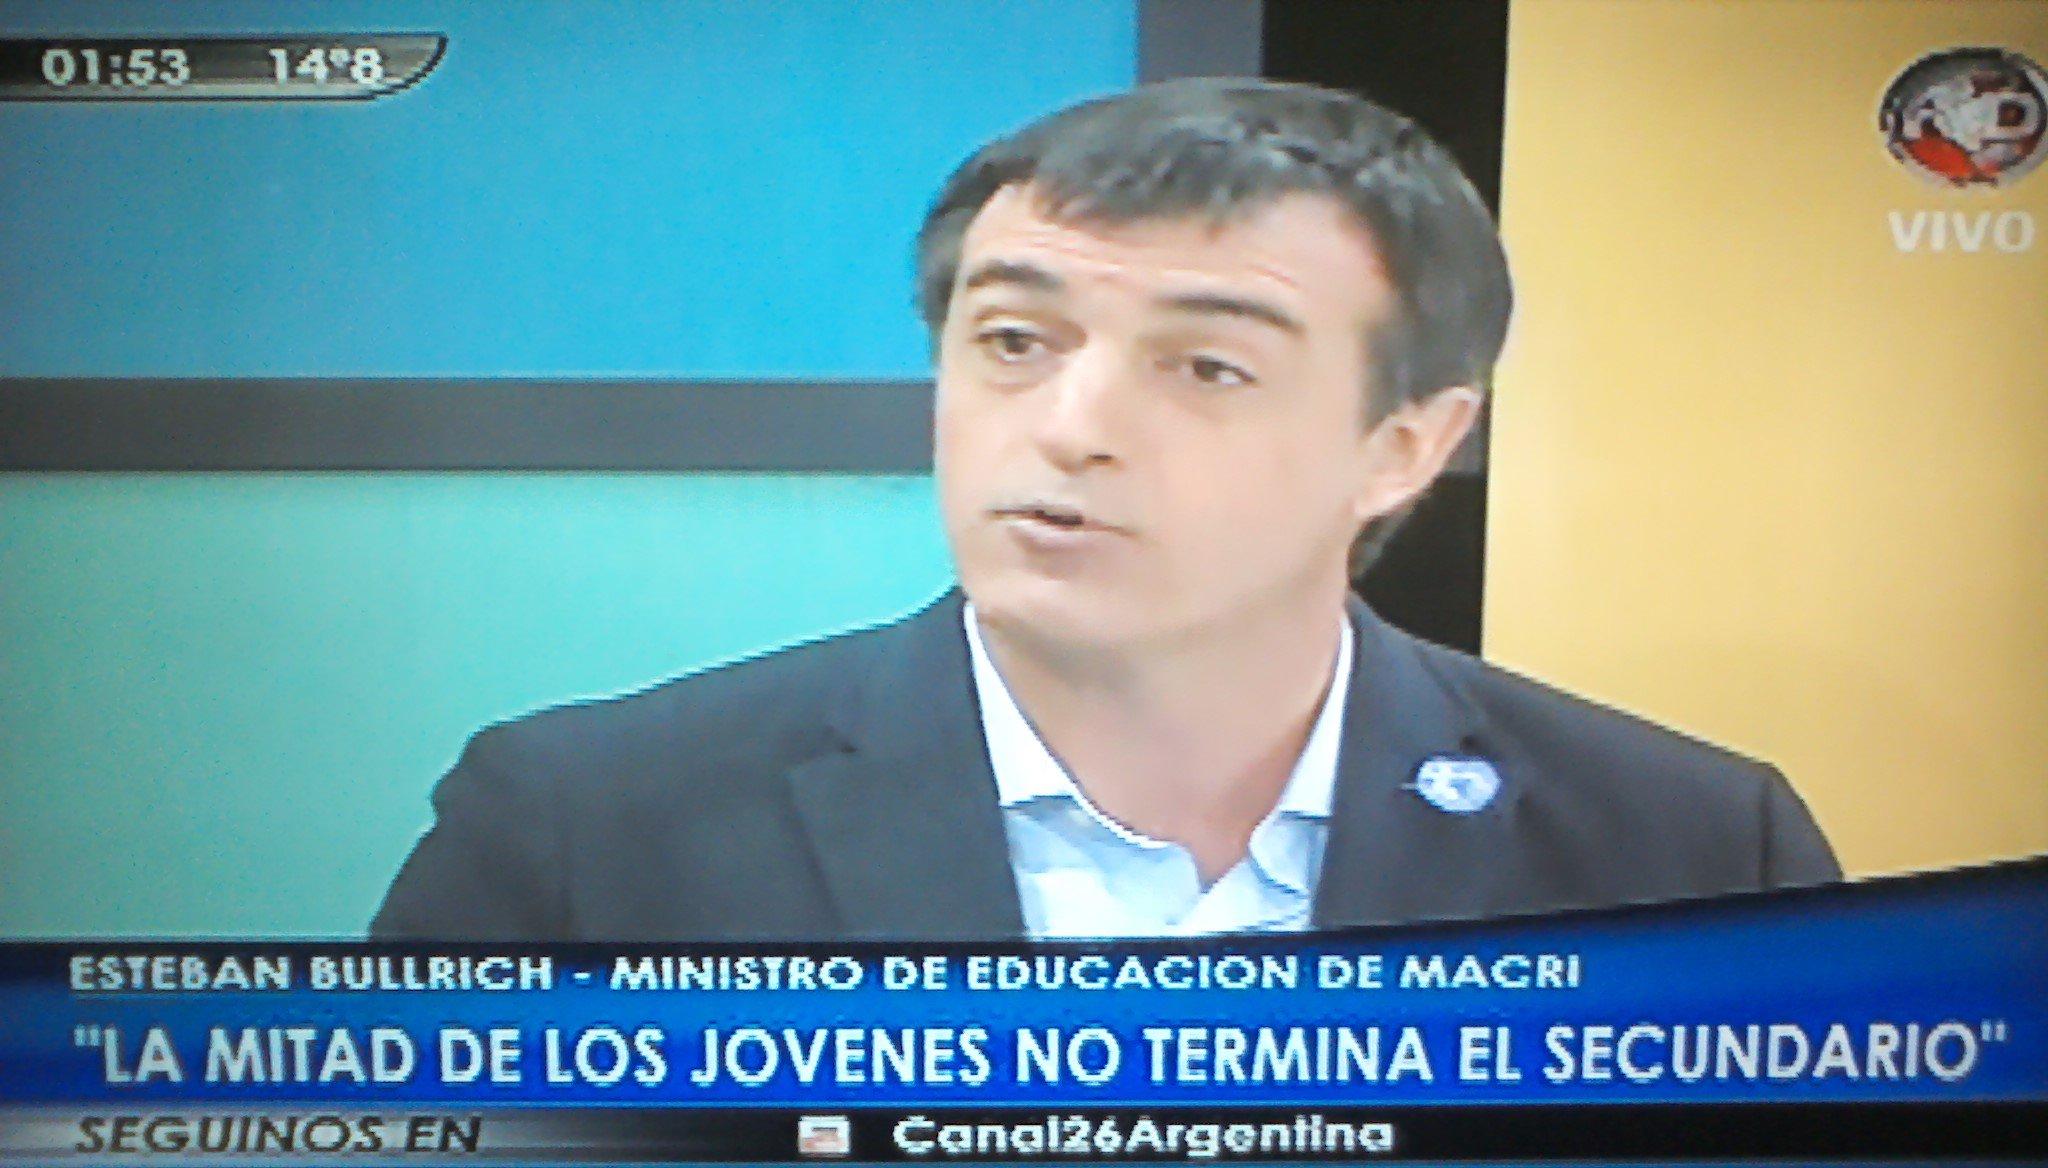 """Esteban Bullrich: """"La mitad de los jóvenes no termina el secundario""""."""